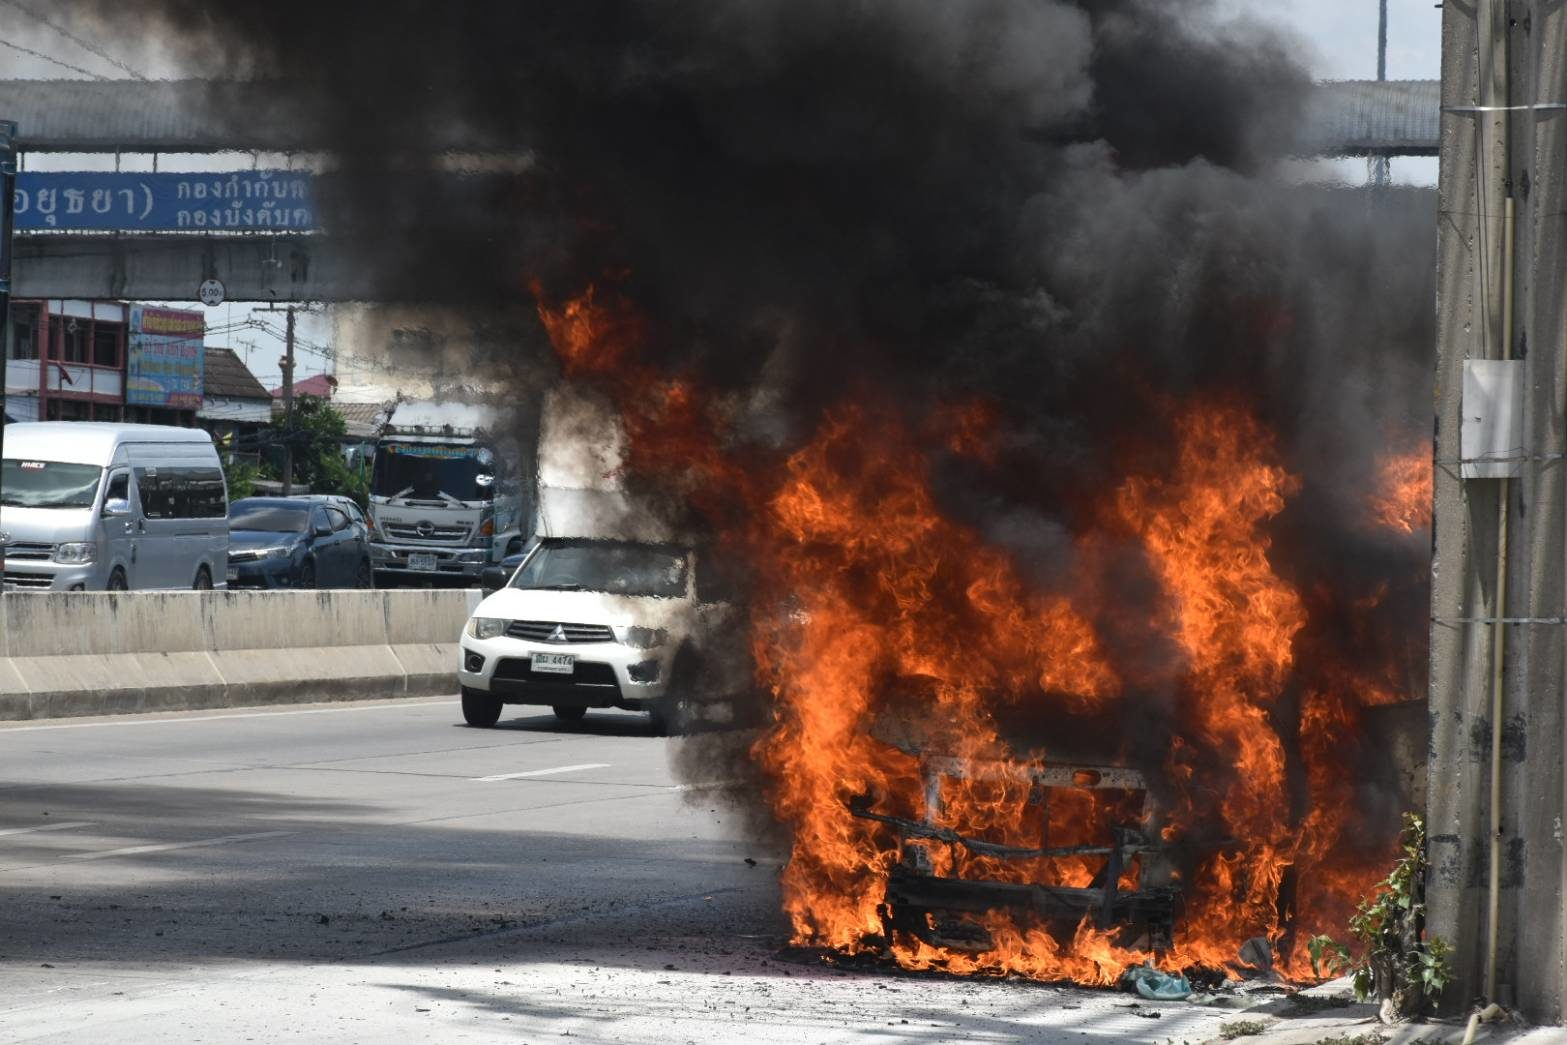 ไฟไหม้รถตู้ 3 พ่อแม่ลูกรอดตายหวุดหวิด